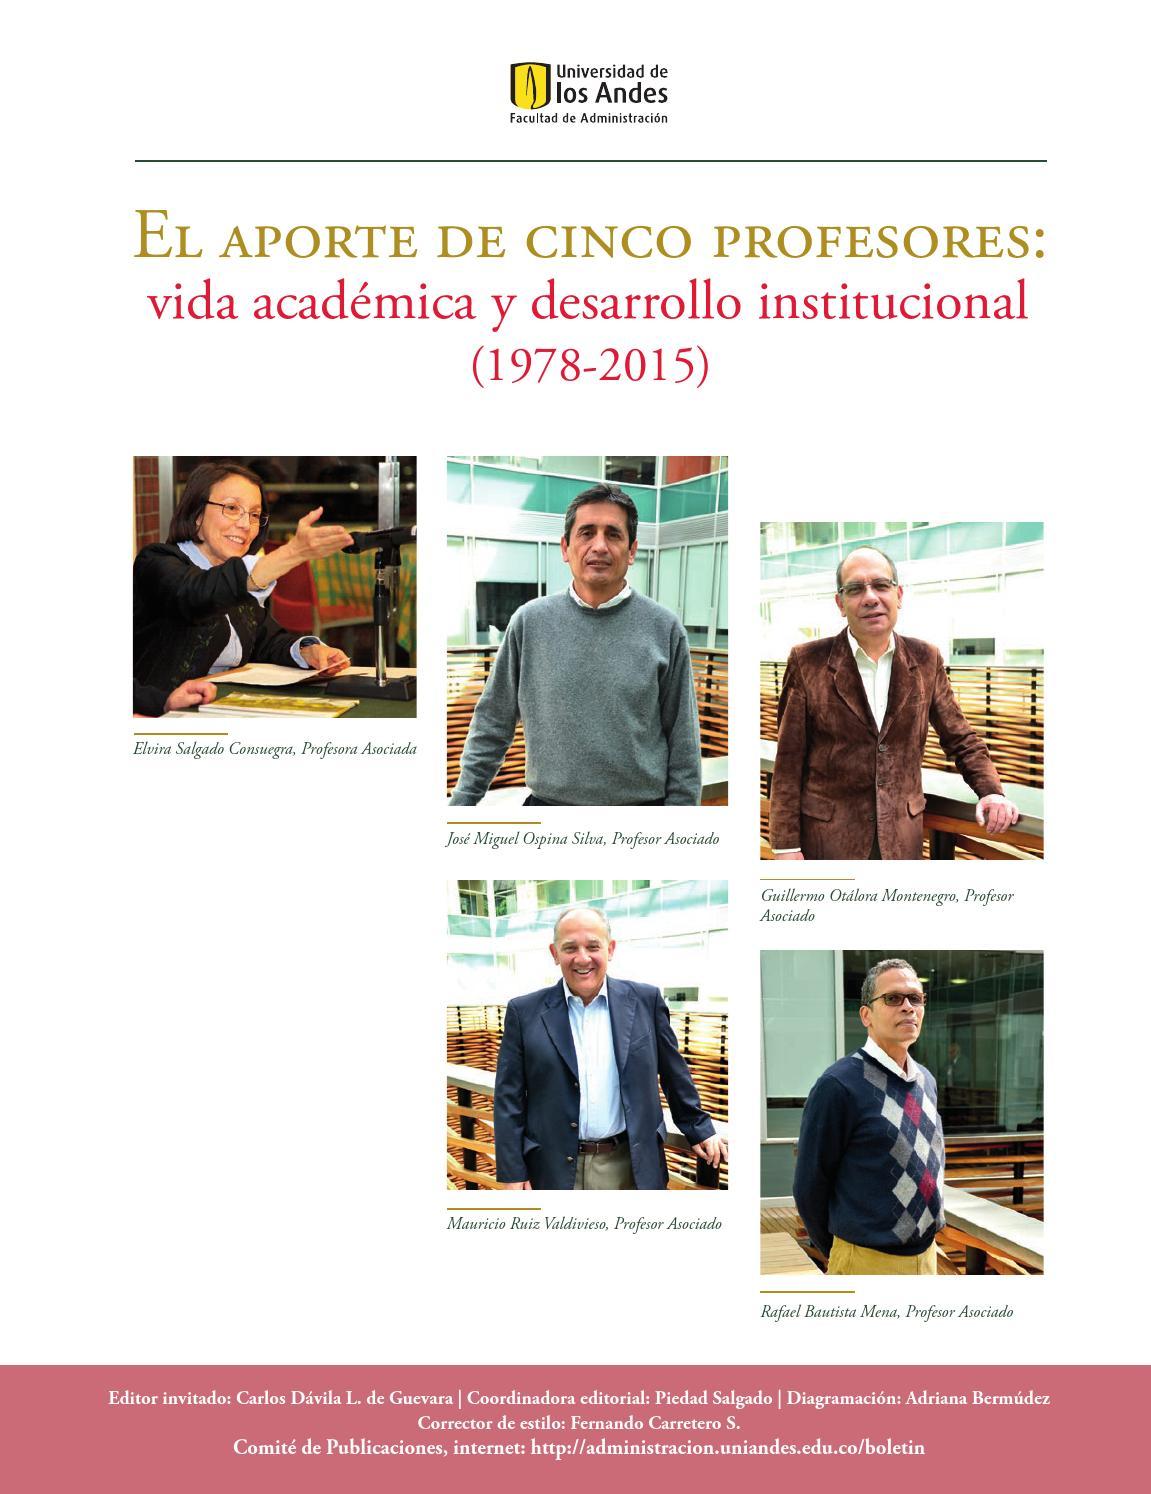 Boletin De Noticias Edicion Especial By Publicaciones Facultad De Administracion Uniandes Issuu